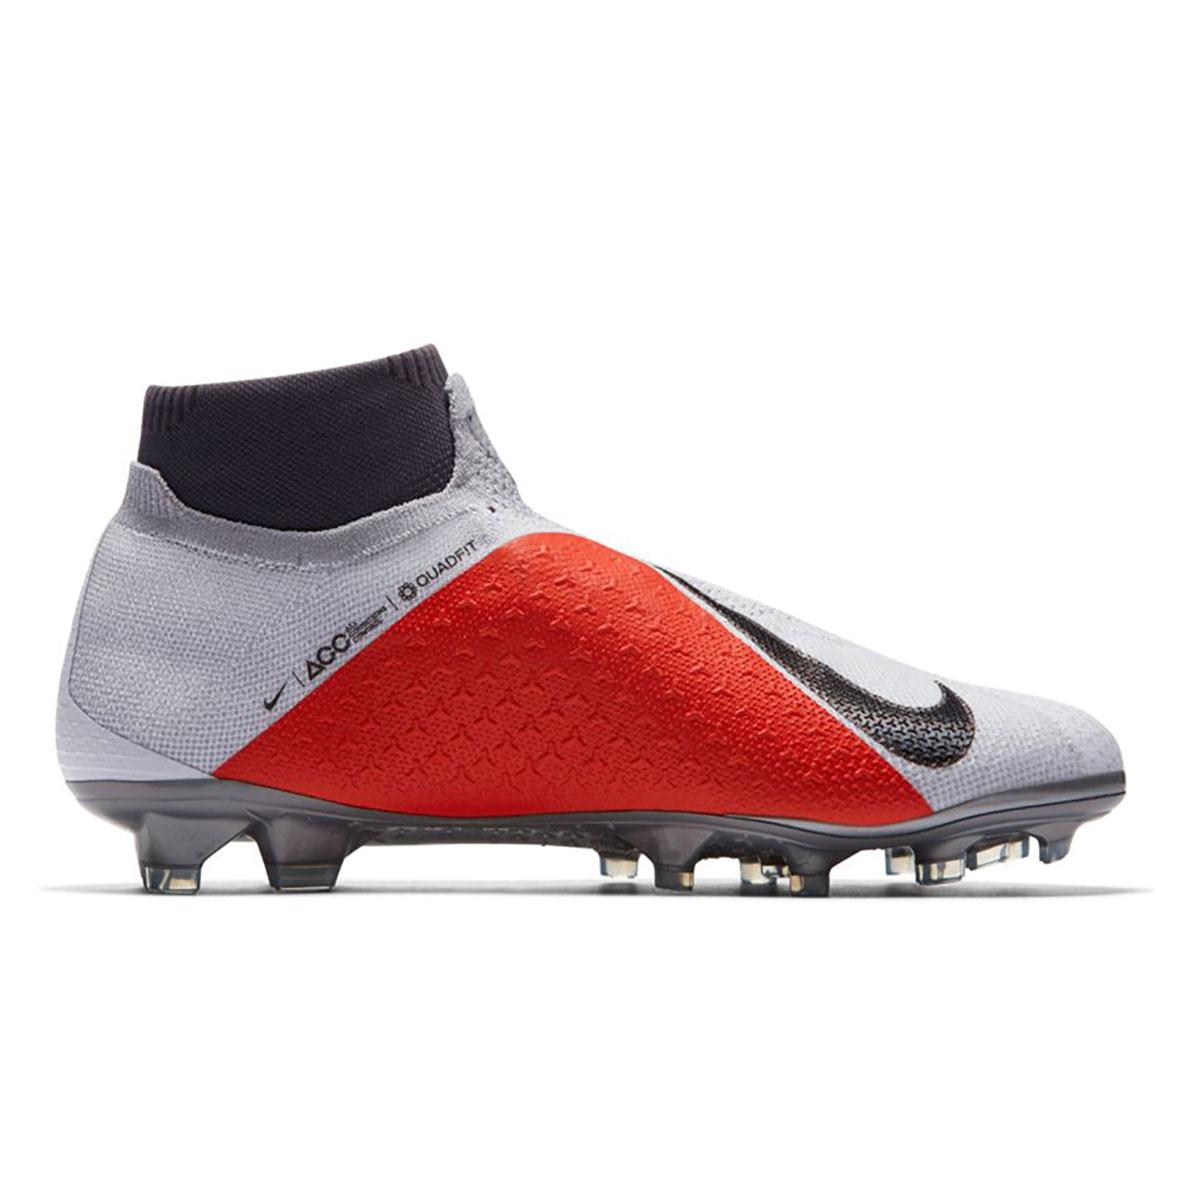 Phantom Futuro – Da Calcio Delle Maxinews Nike Scarpe Blog Il qEdEgv